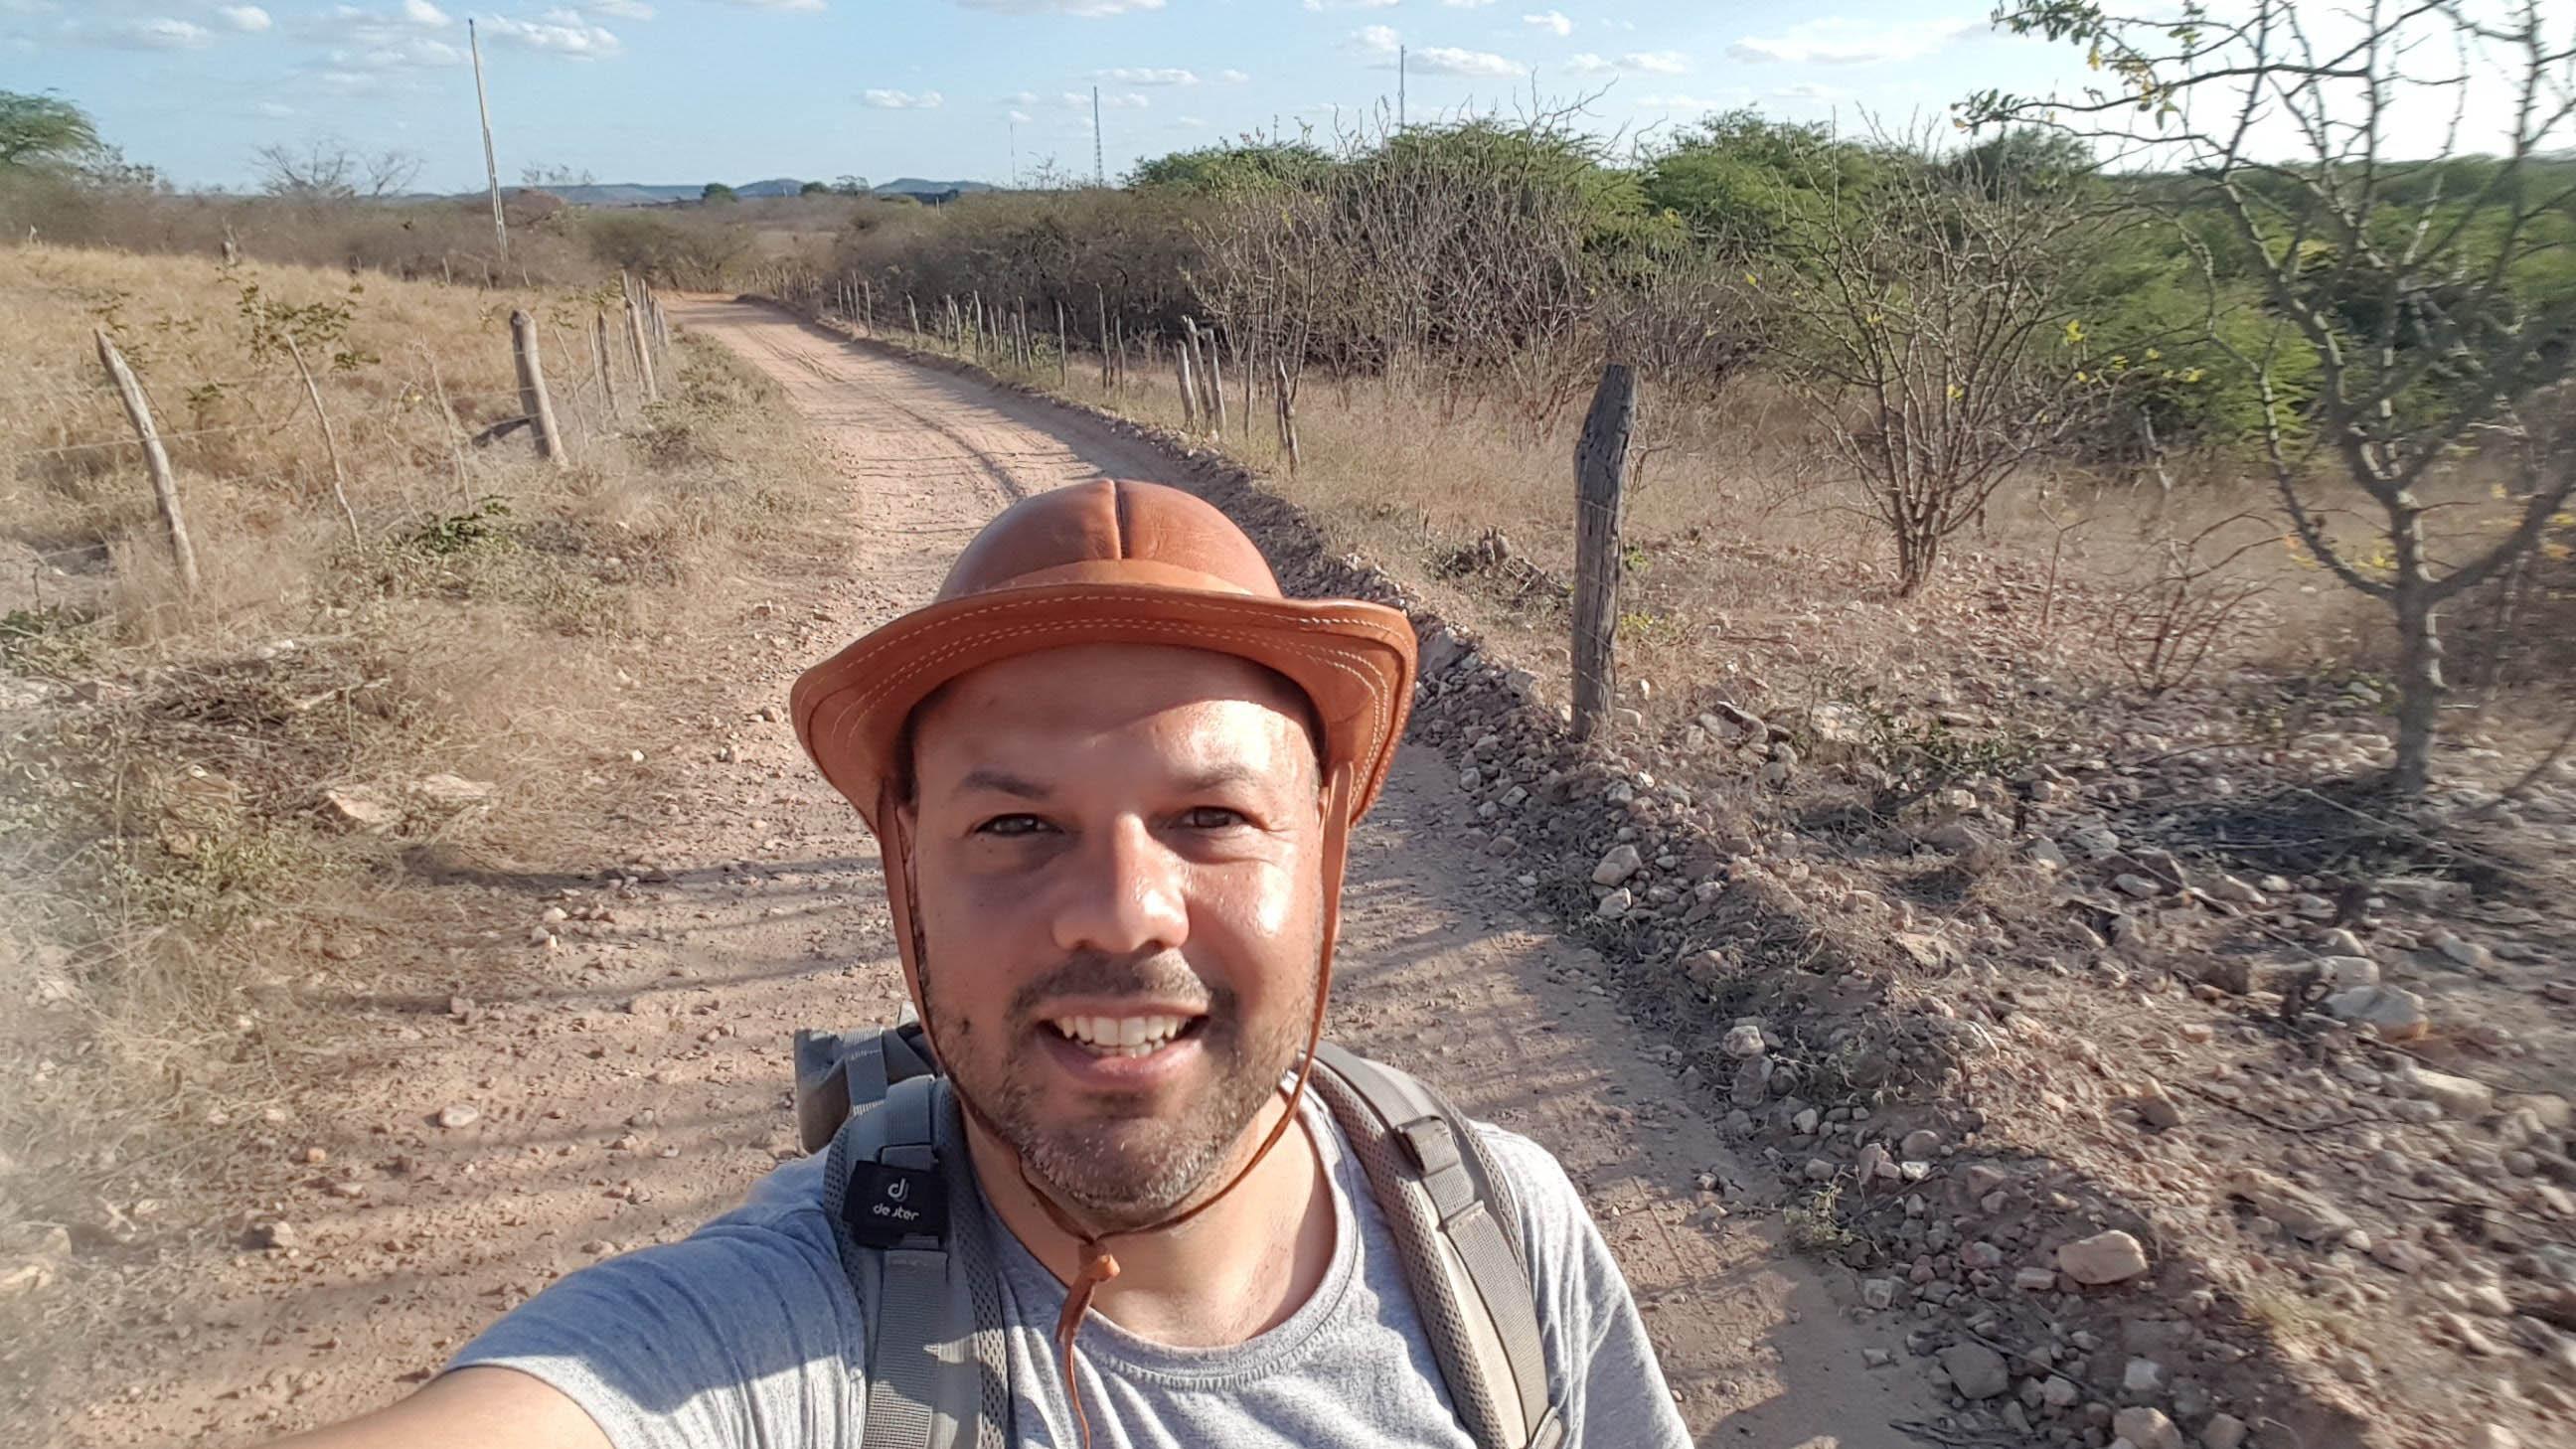 caminhando no sertão